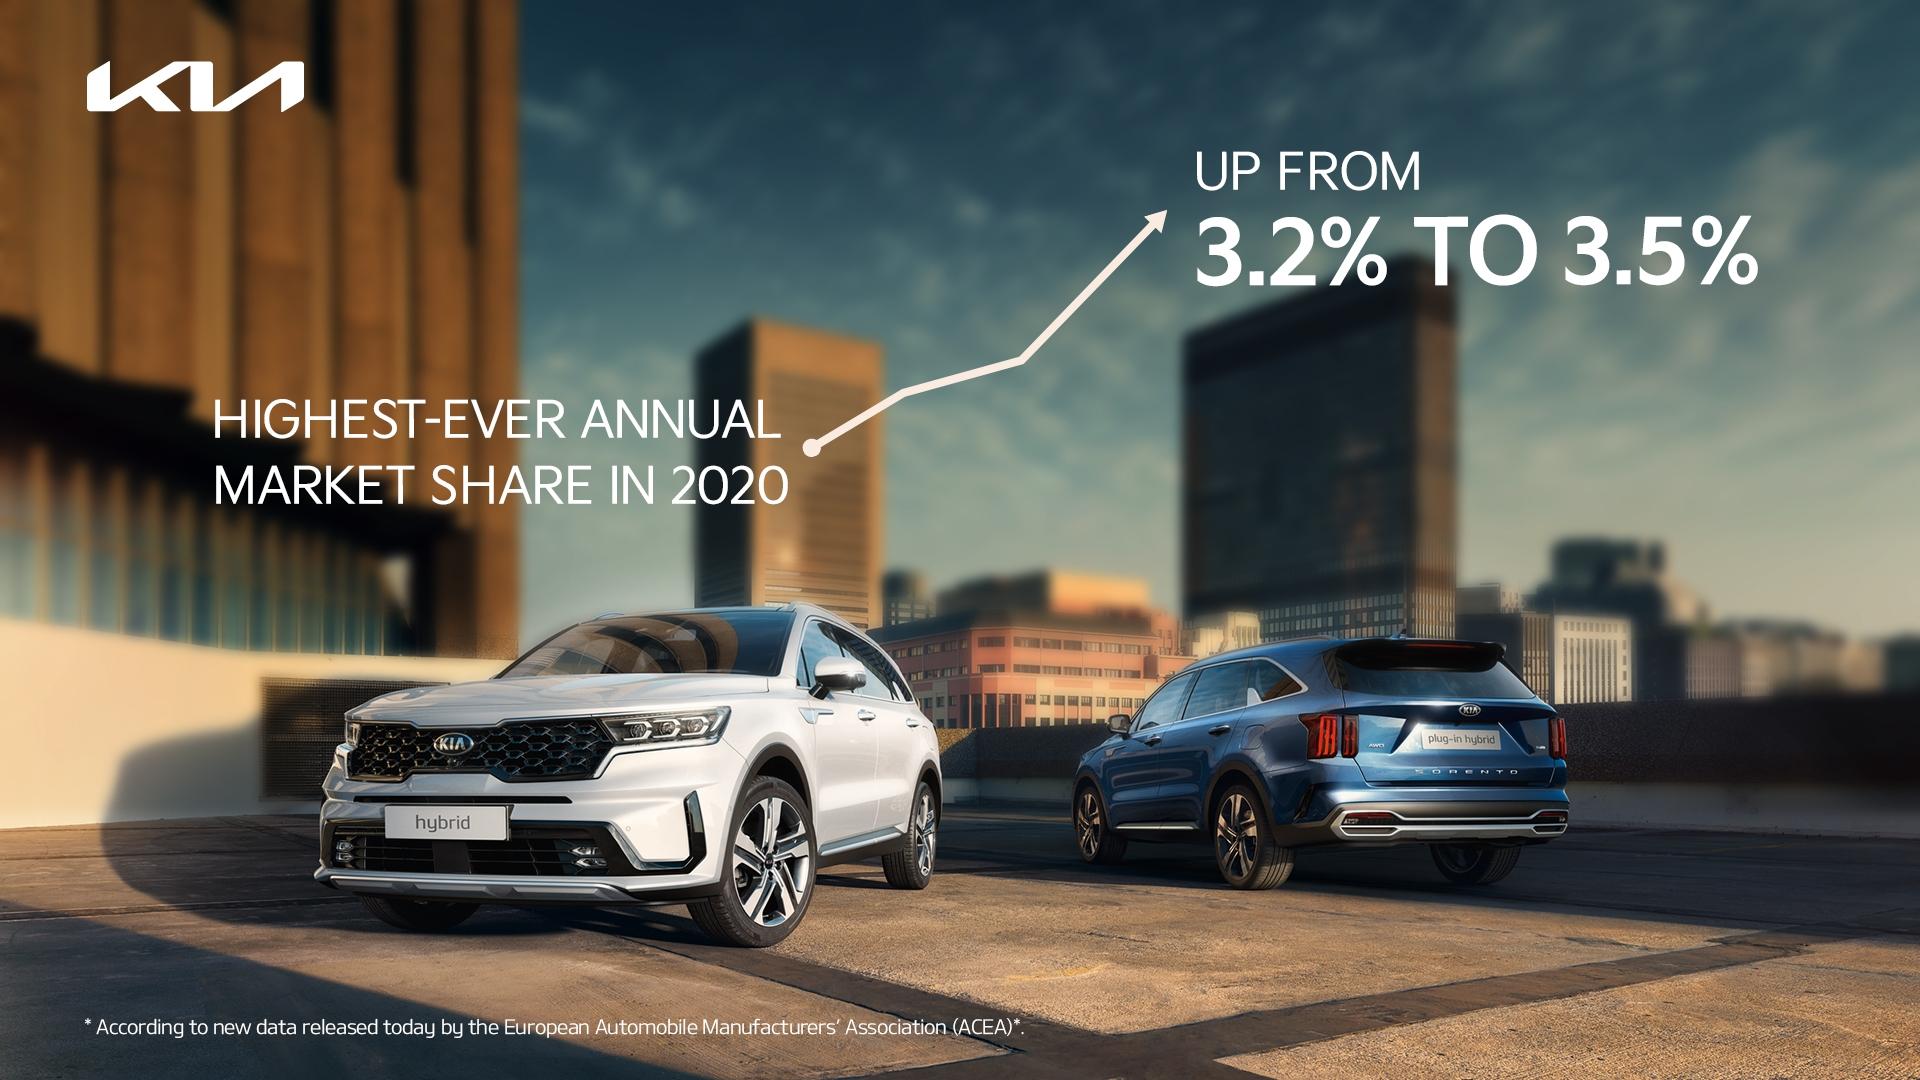 Kia registra en Europa su mayor cuota de mercado en el año de mayor declive de ventas